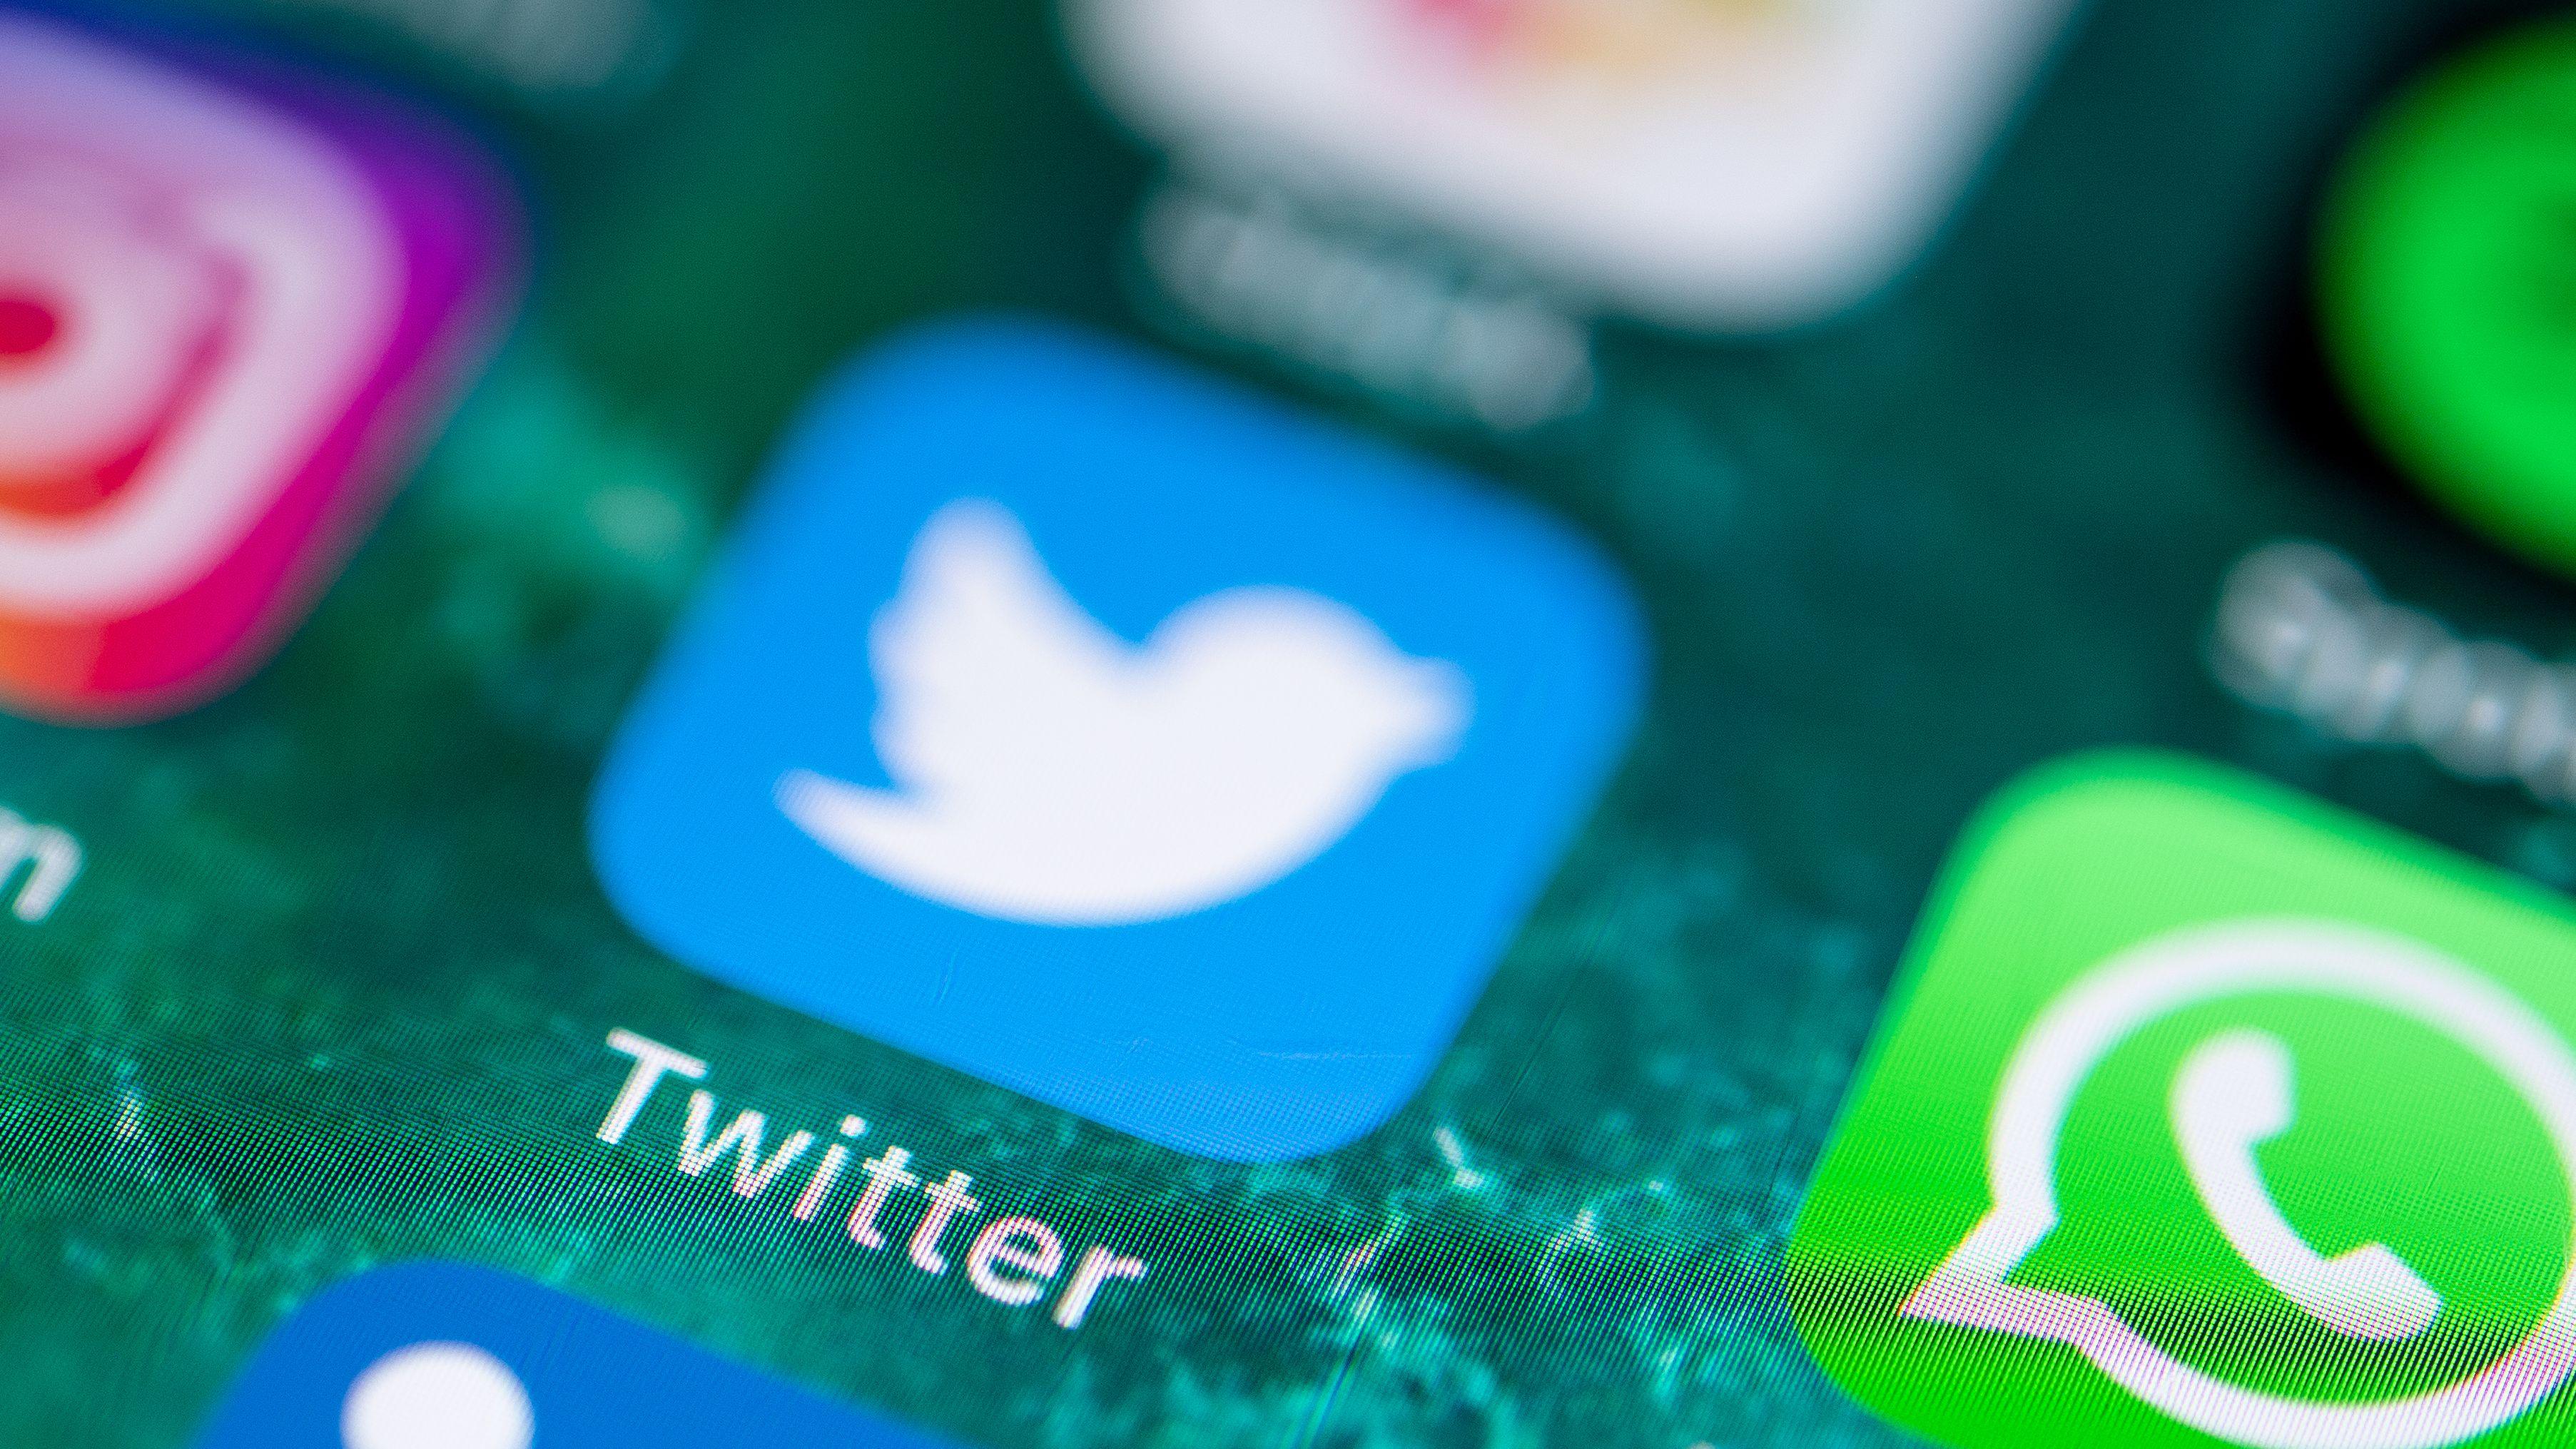 Auf dem Bildschirm eines iPhones werden diverse Kommunikations-Apps angezeigt